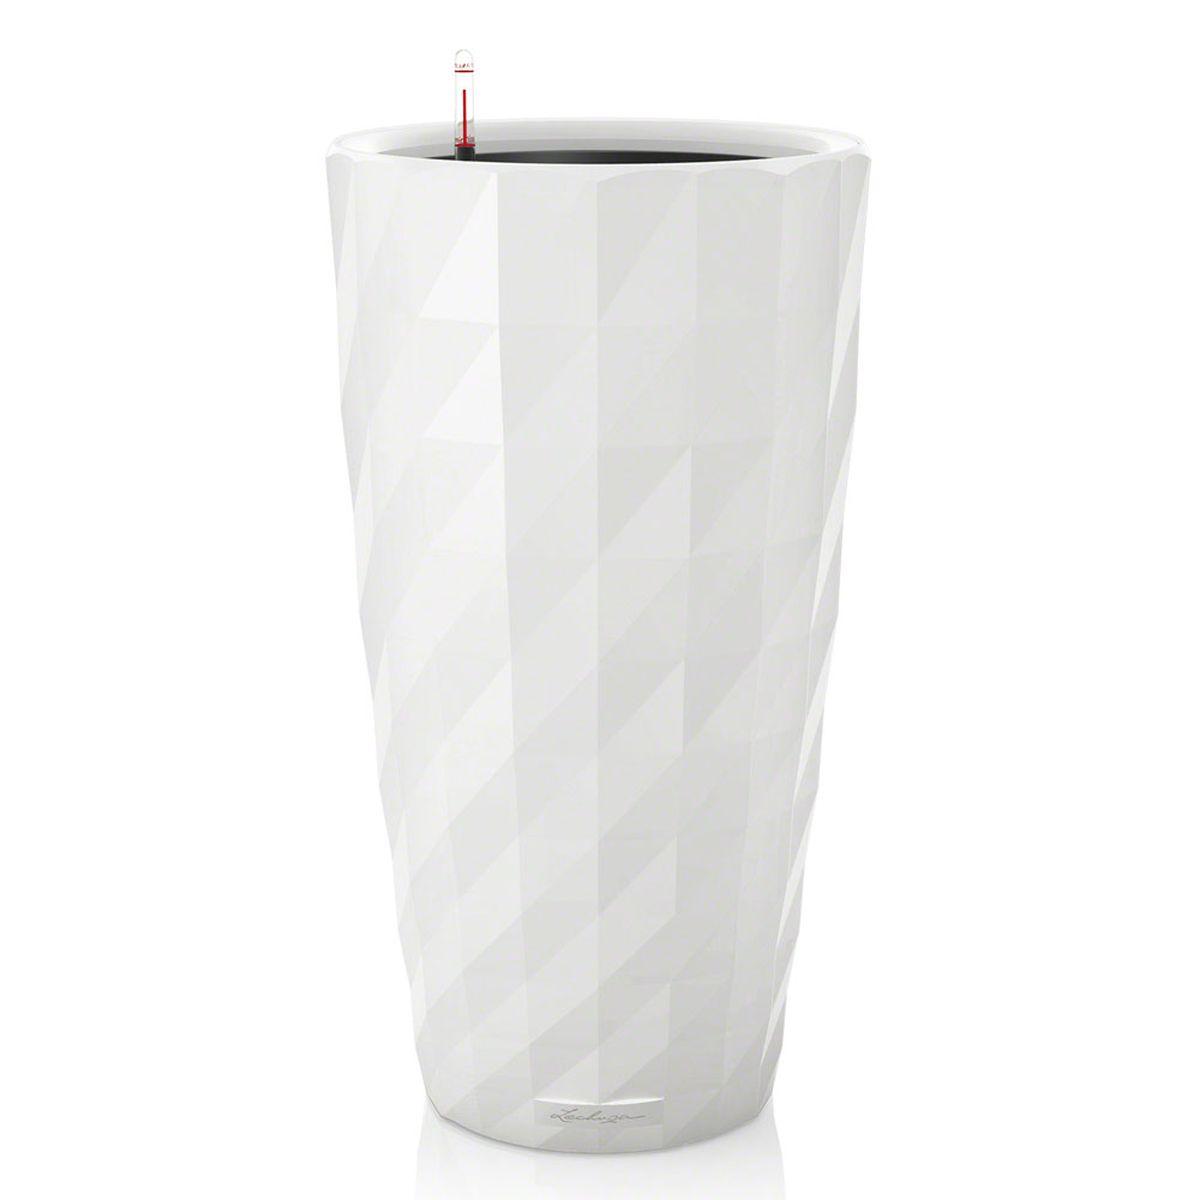 Кашпо Lechuza Diamante, с системой автополива, цвет: белый, диаметр 40 см15700Кашпо Lechuza Diamante, изготовленное из высококачественного пластика, идеальное решение для тех, кто регулярно забывает поливать комнатные растения. Стильный дизайн позволит украсить растениями офис, кафе или любое другое помещение. Кашпо Lechuza Diamante с системой автополива упростит уход за вашими цветами и поможет растениям получать то количество влаги, которое им необходимо в данный момент времени. В набор входит: кашпо, внутренний горшок, индикатор уровня воды, субстрат растений в качестве дренажного слоя, резервуар для воды. Внутренний горшок, оснащенный выдвижной ручкой, обеспечивает: - легкую переноску даже высоких растений; - легкую смену растений; - можно также просто убрать растения на зиму; - винт в днище позволяет стечь излишней дождевой воде наружу. Кашпо Lechuza Diamante украсит любой интерьер, а также станет замечательным подарком для ваших родных и близких.